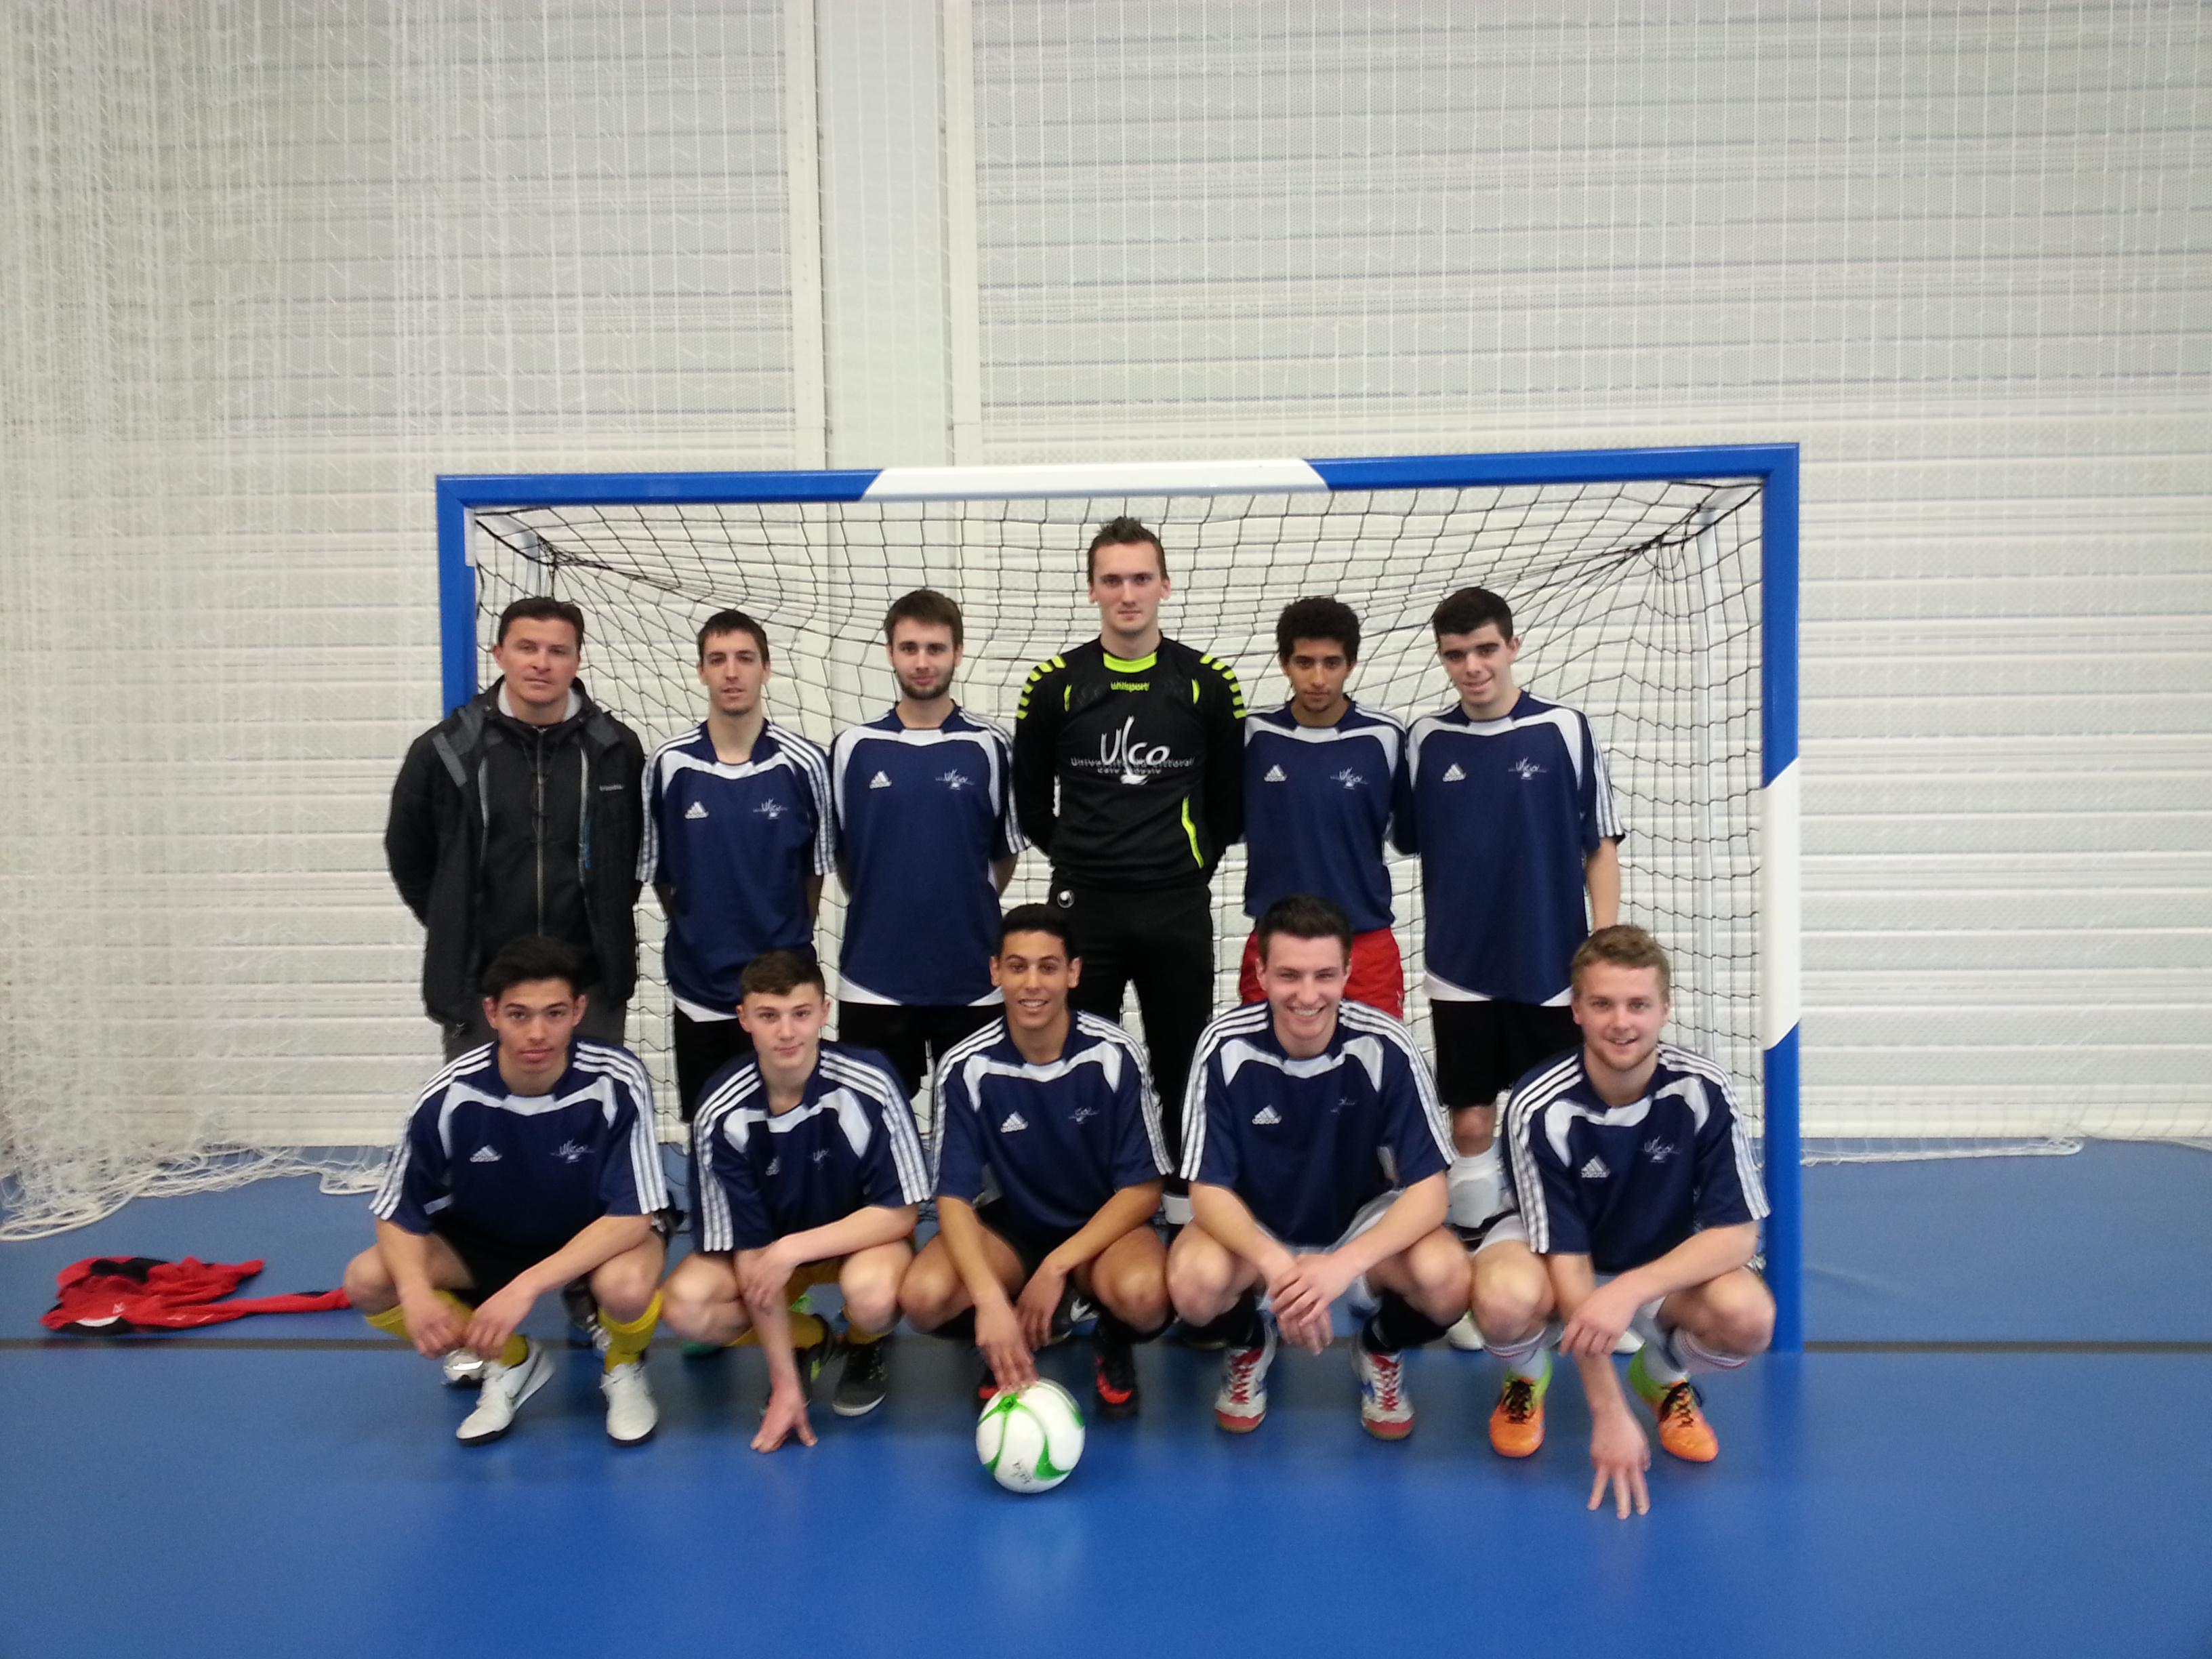 Equipe futsall